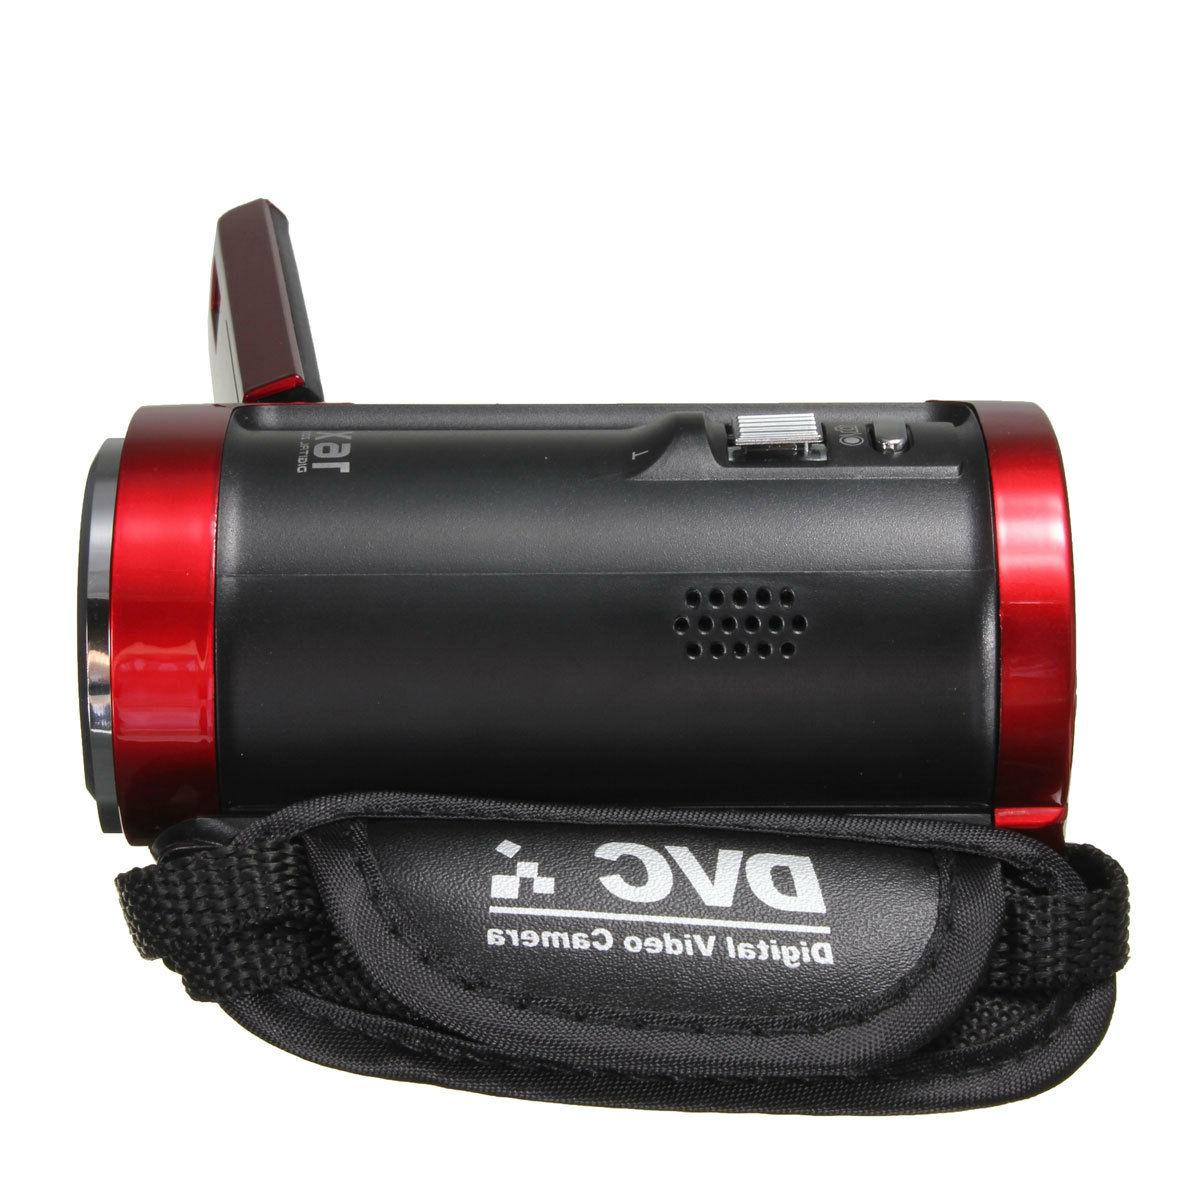 Portable 16X Video 16MP & Accessories